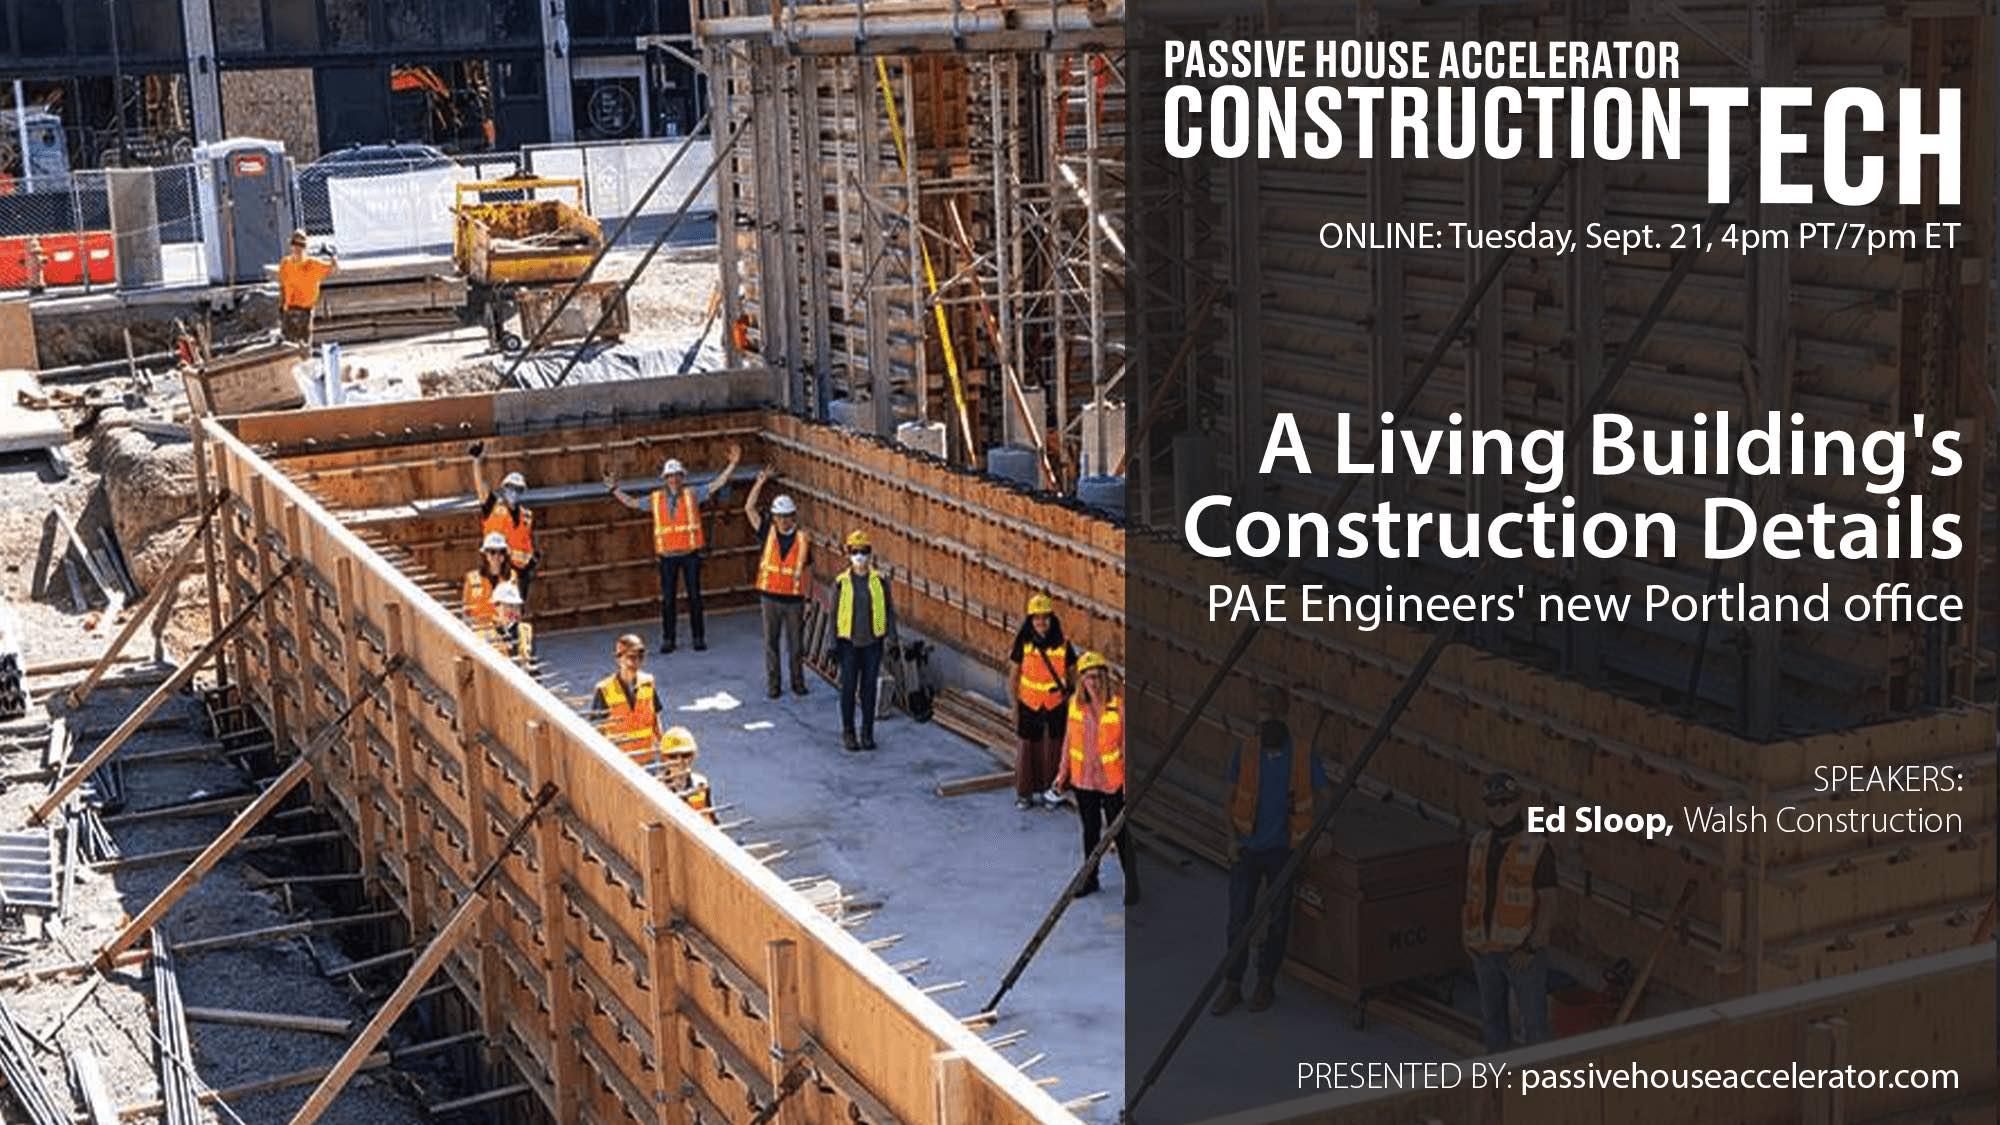 A Living Building's Construction Details